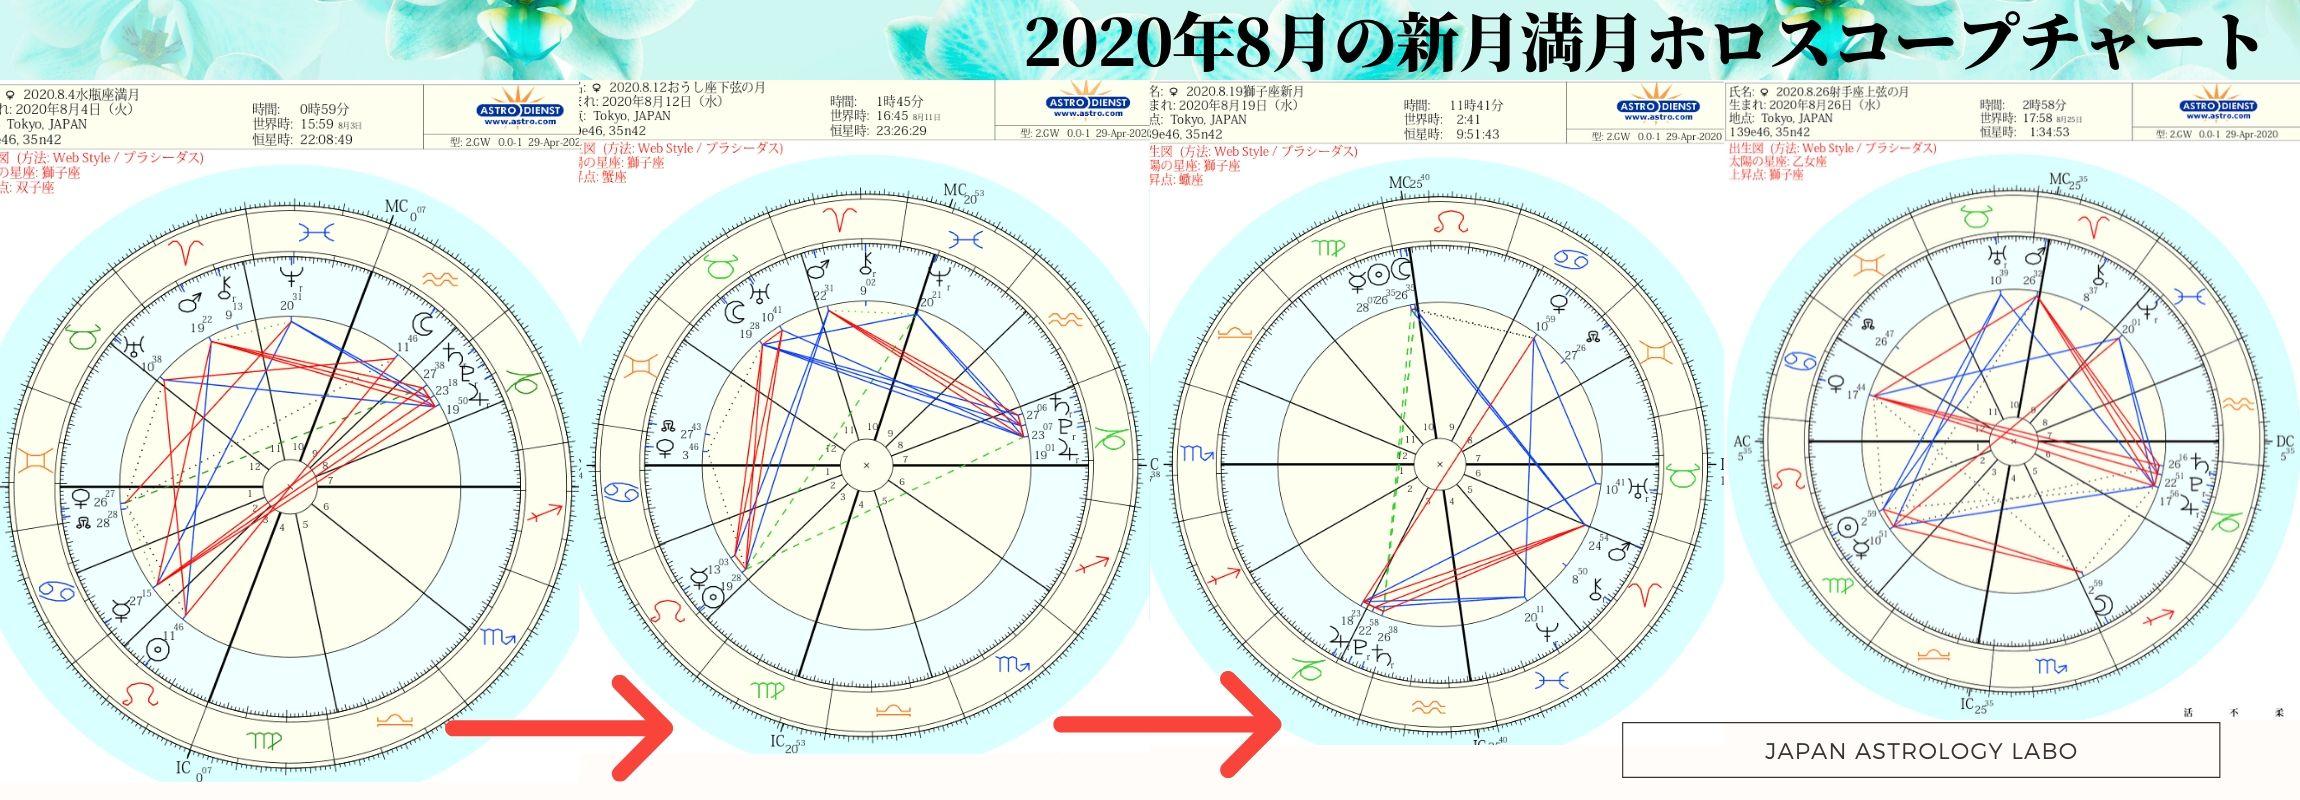 2020年8月の新月満月ホロスコープチャートと月のボイドタイム